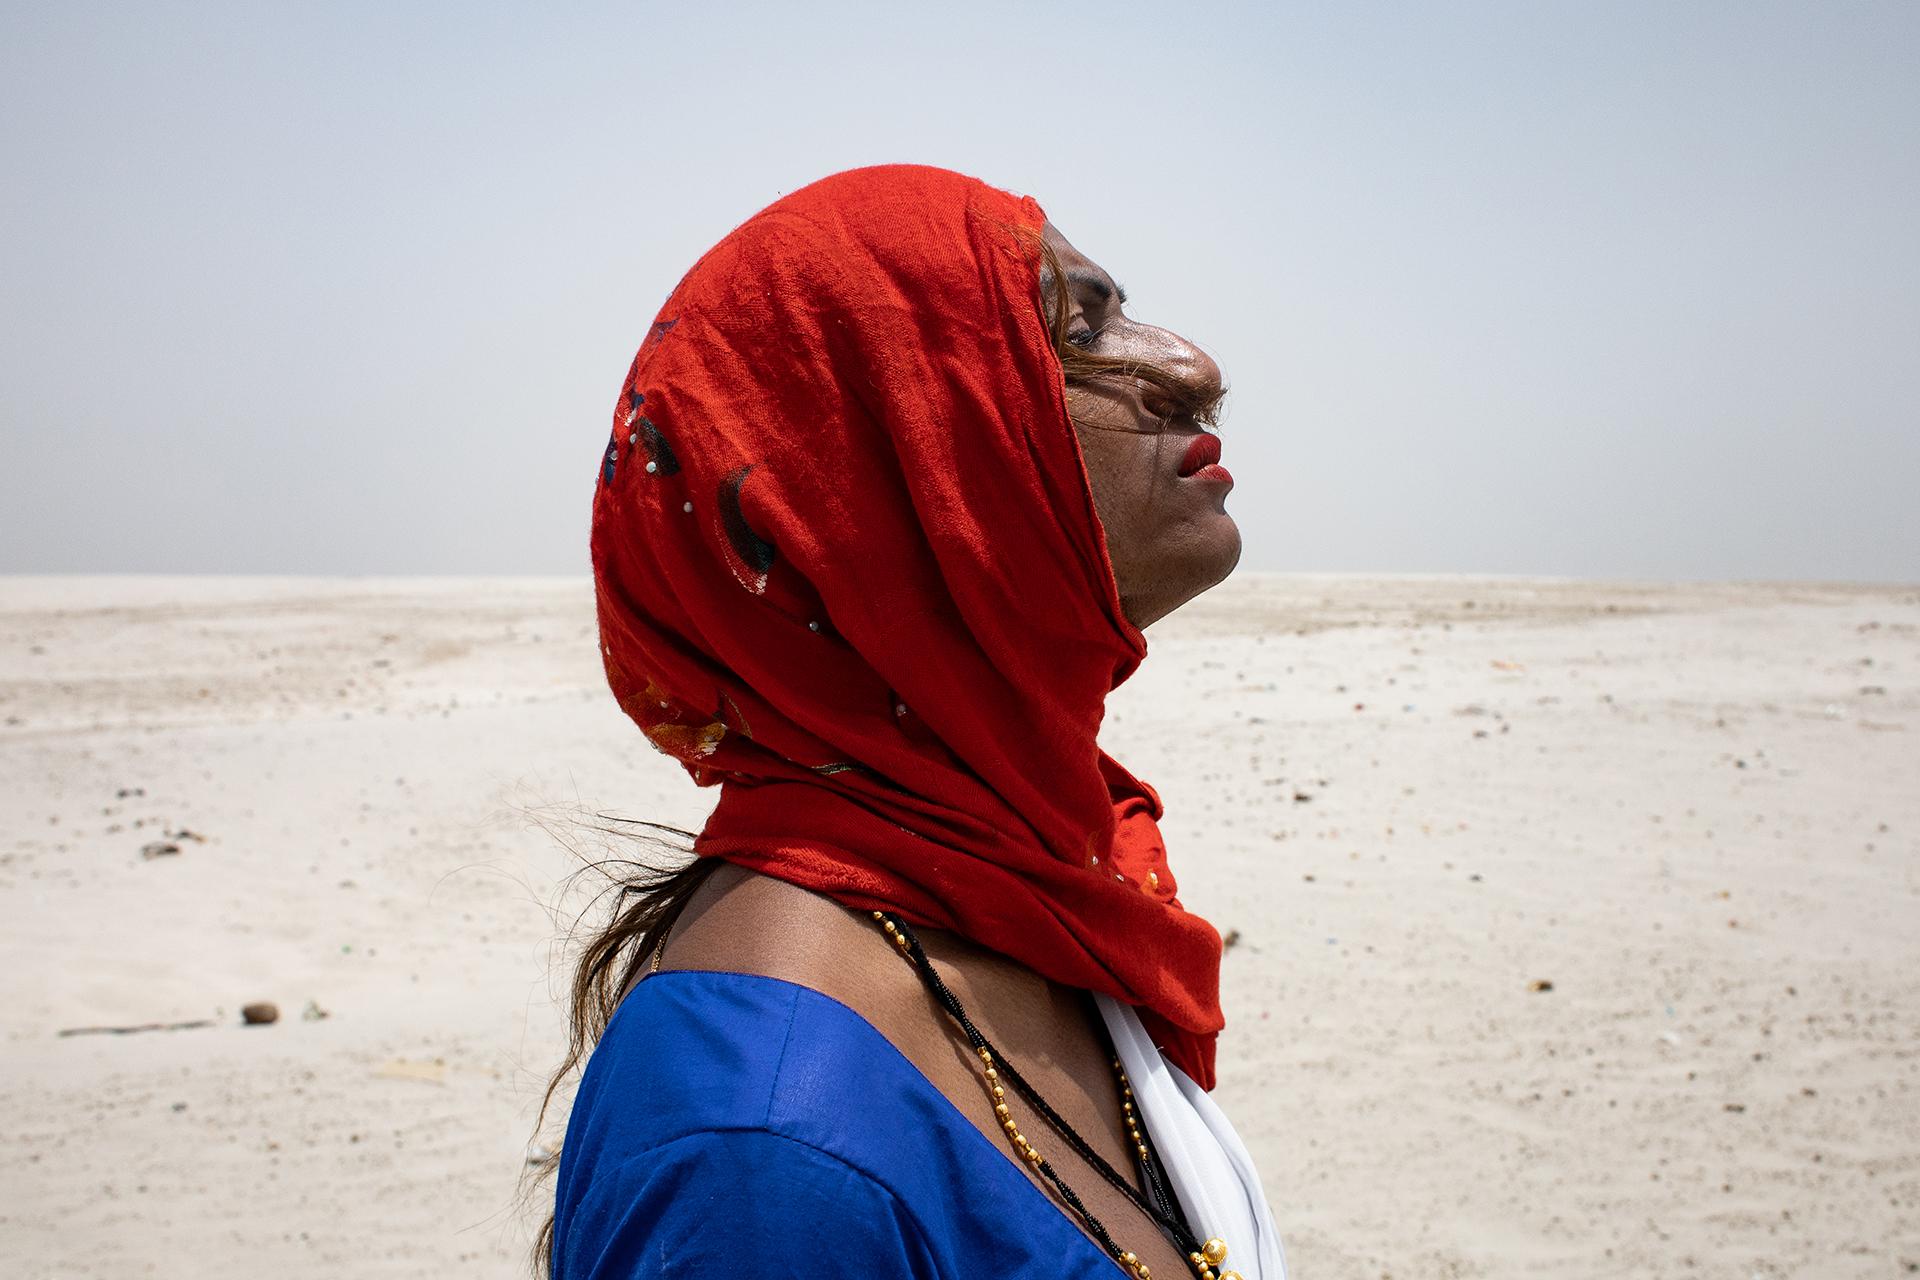 Rupaa em uma área deserta na margem do rio Ganges, em Varanasi. Durante nossa conversa, ela fala alegremente sobre sua paixão pela tradicional dança indiana